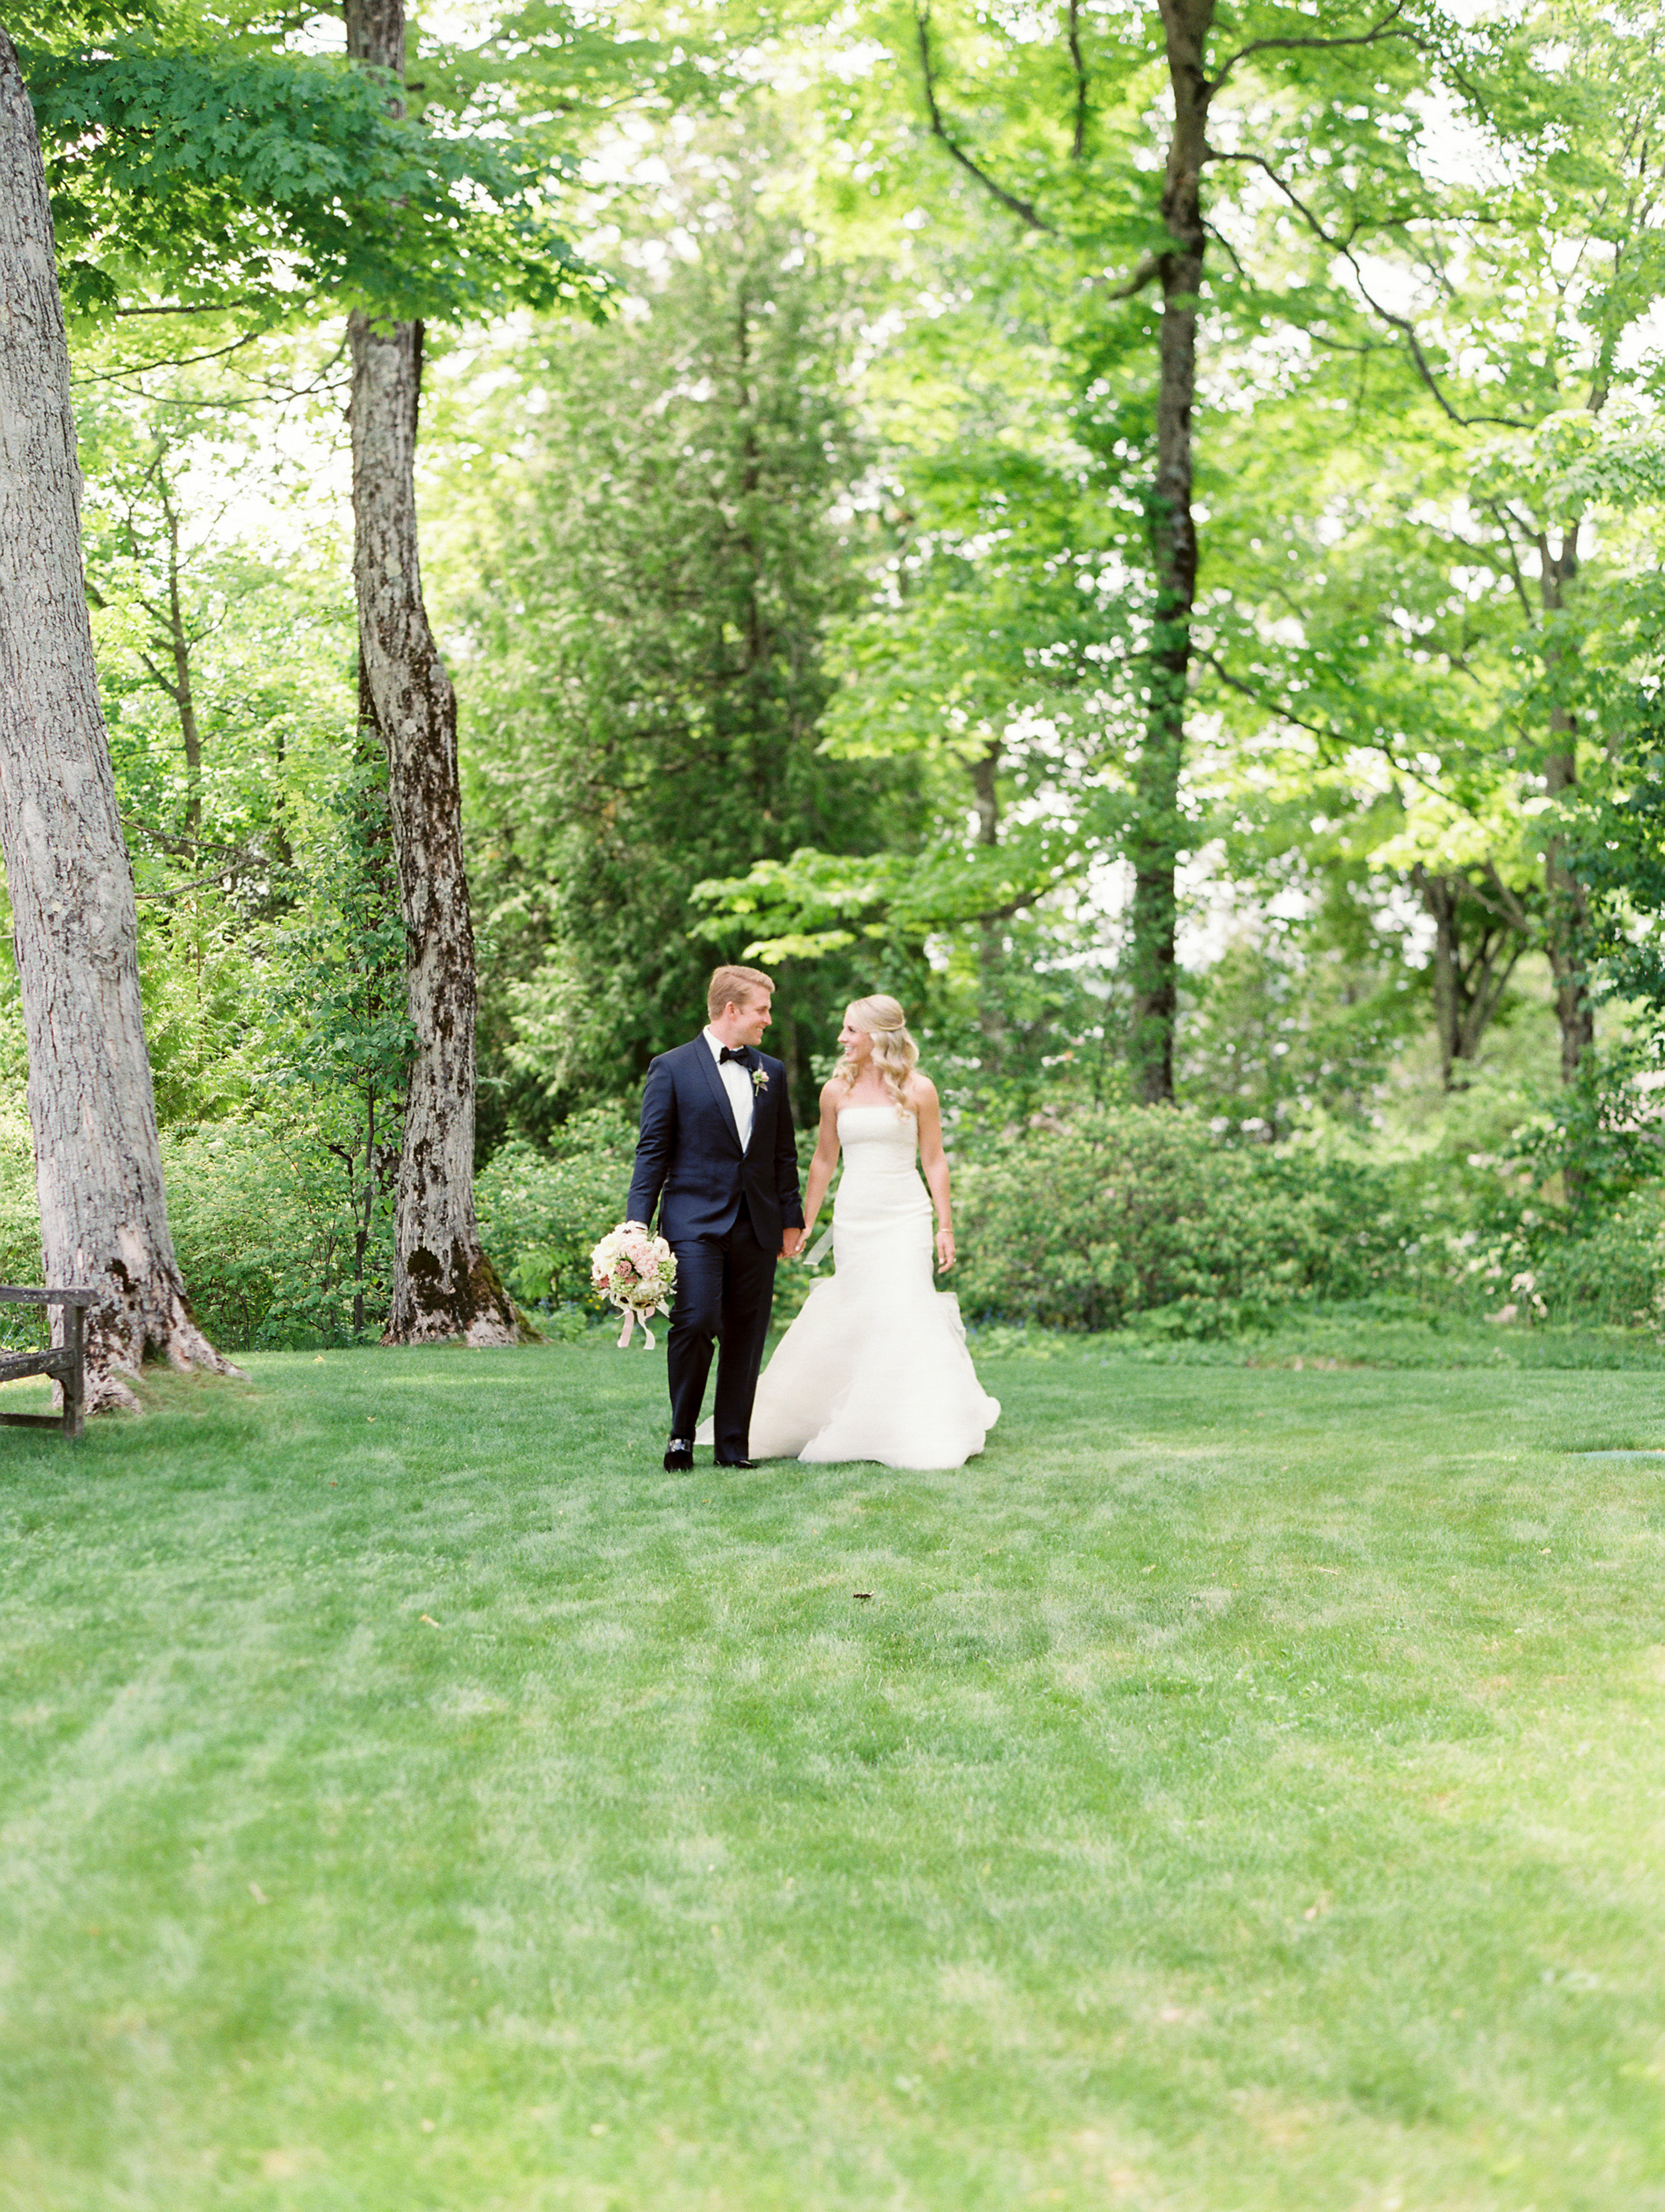 Coffman+Wedding+BrideGrooma-35.jpg